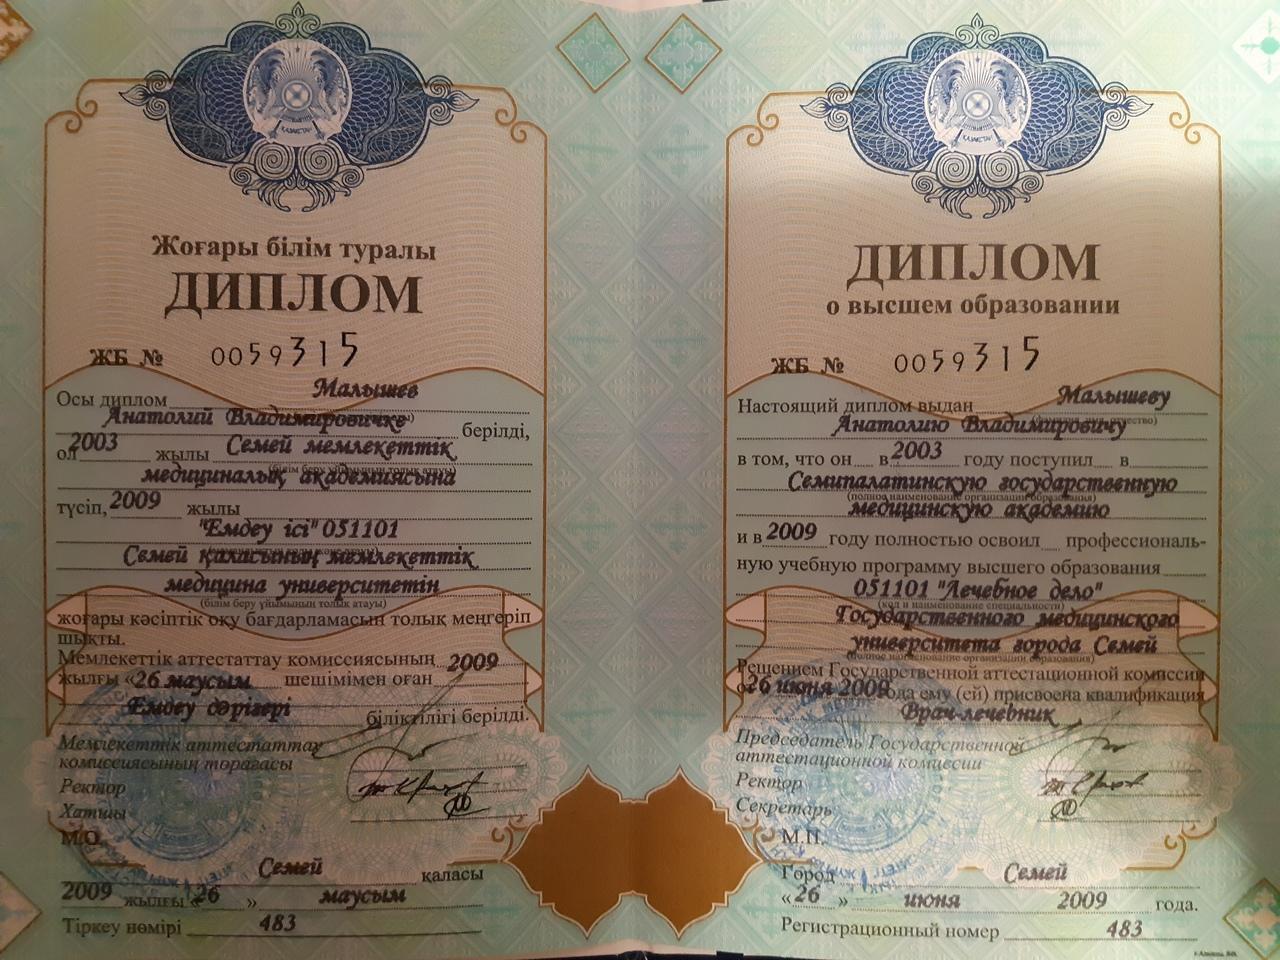 Малышев Анатолий Владимирович - нейрохирург